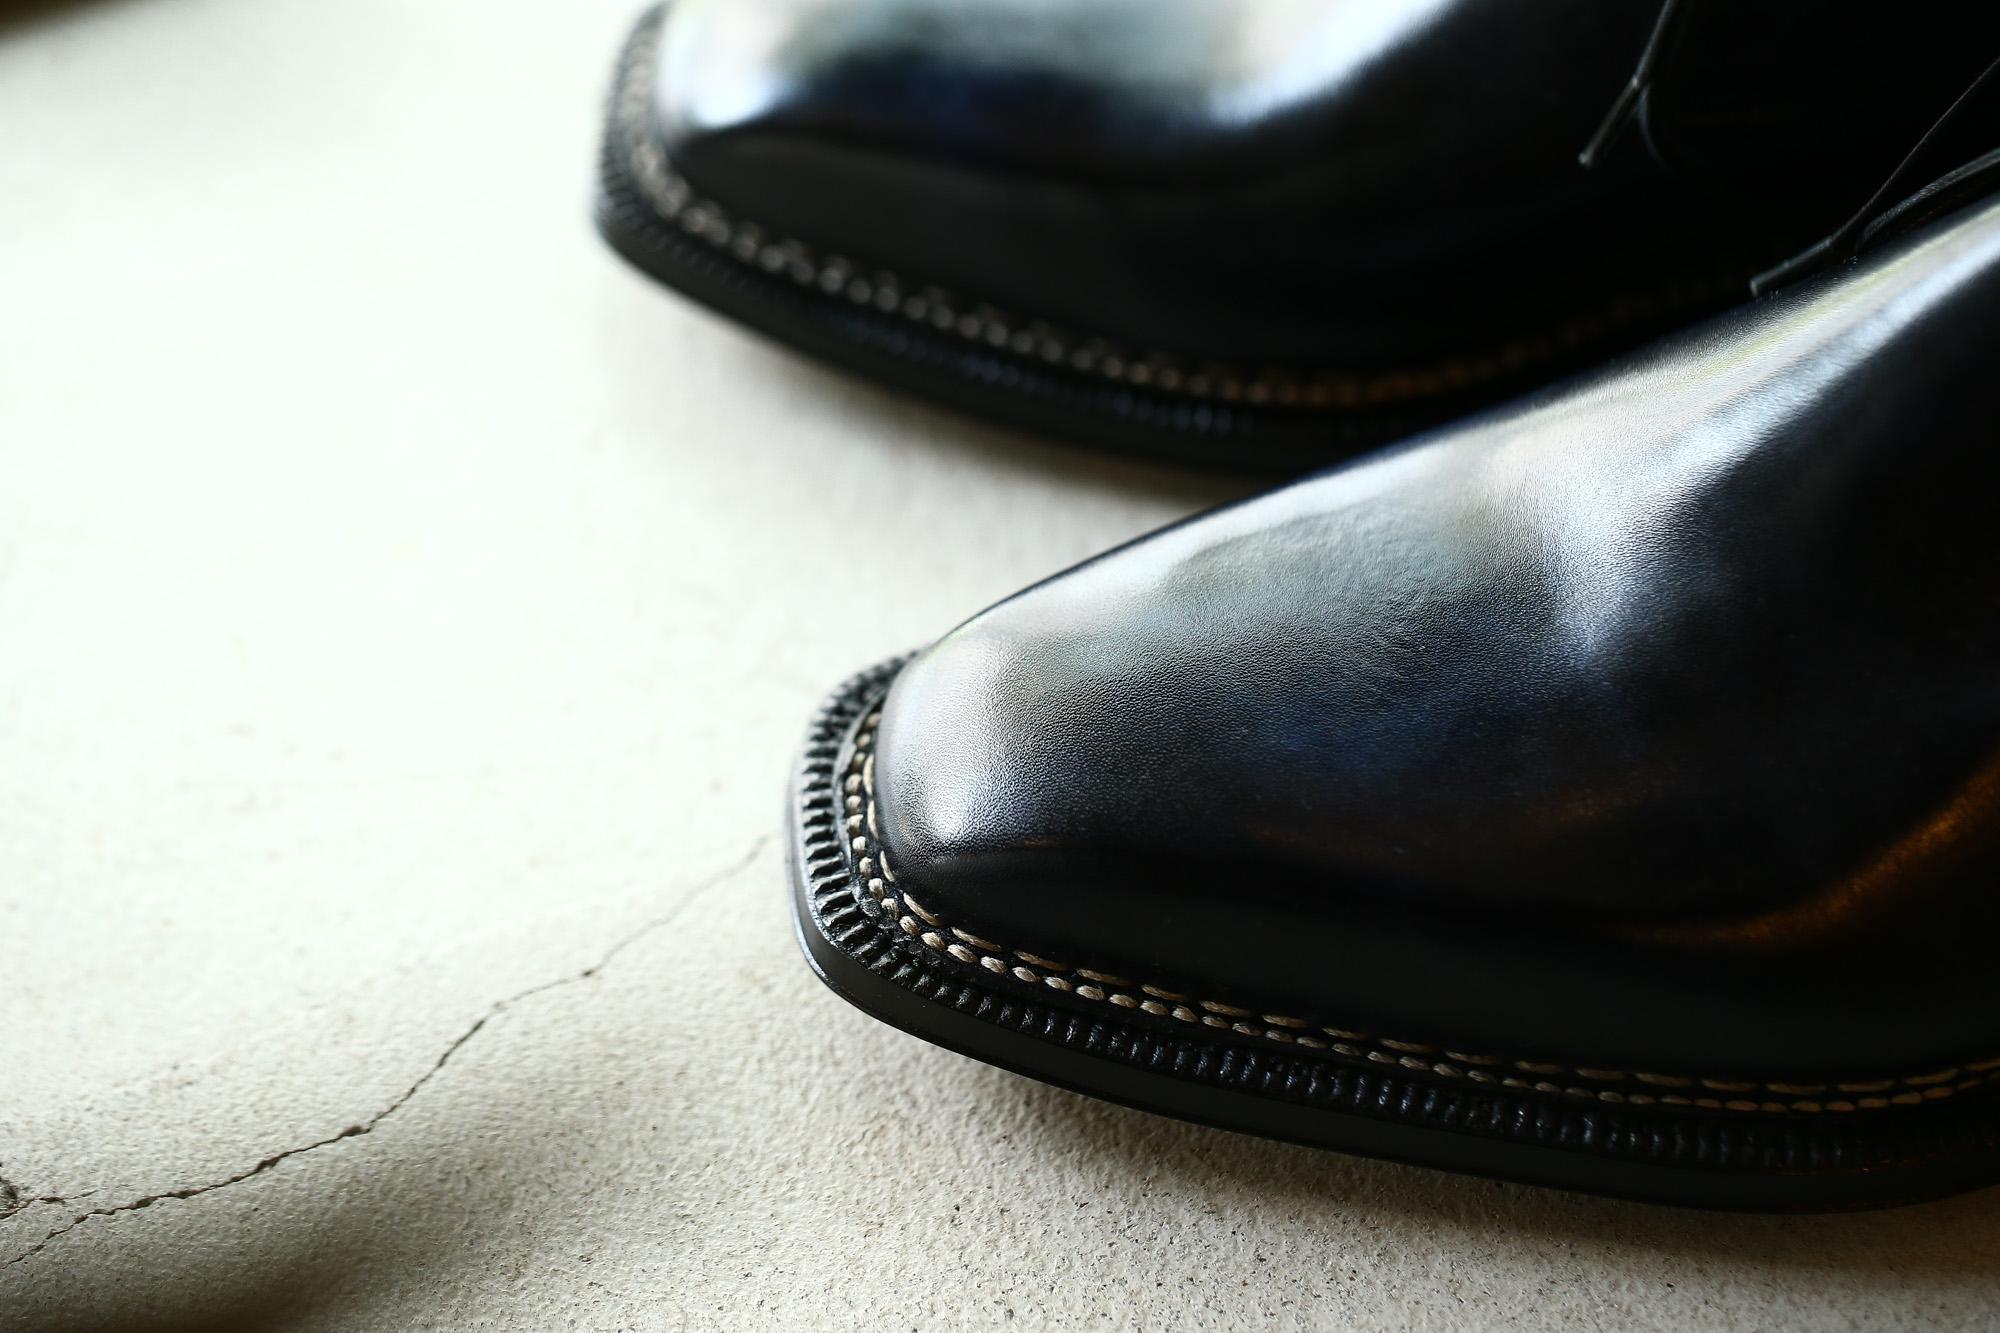 ENZO BONAFE (エンツォボナフェ) ART.3722 Chukka boots Bonaudo Museum Calf Leather ボナウド社 ミュージアムカーフレザー ノルベジェーゼ製法 レザーソール チャッカブーツ DEEP BLUE (ディープブルー) made in Italy(イタリア製) 2018 春夏新作 enzobonafe エンツォボナフェ チャッカブーツ ミュージアムカーフ チャッカブーツ 愛知 名古屋 Alto e Diritto アルト エ デリット alto e diritto アルトエデリット